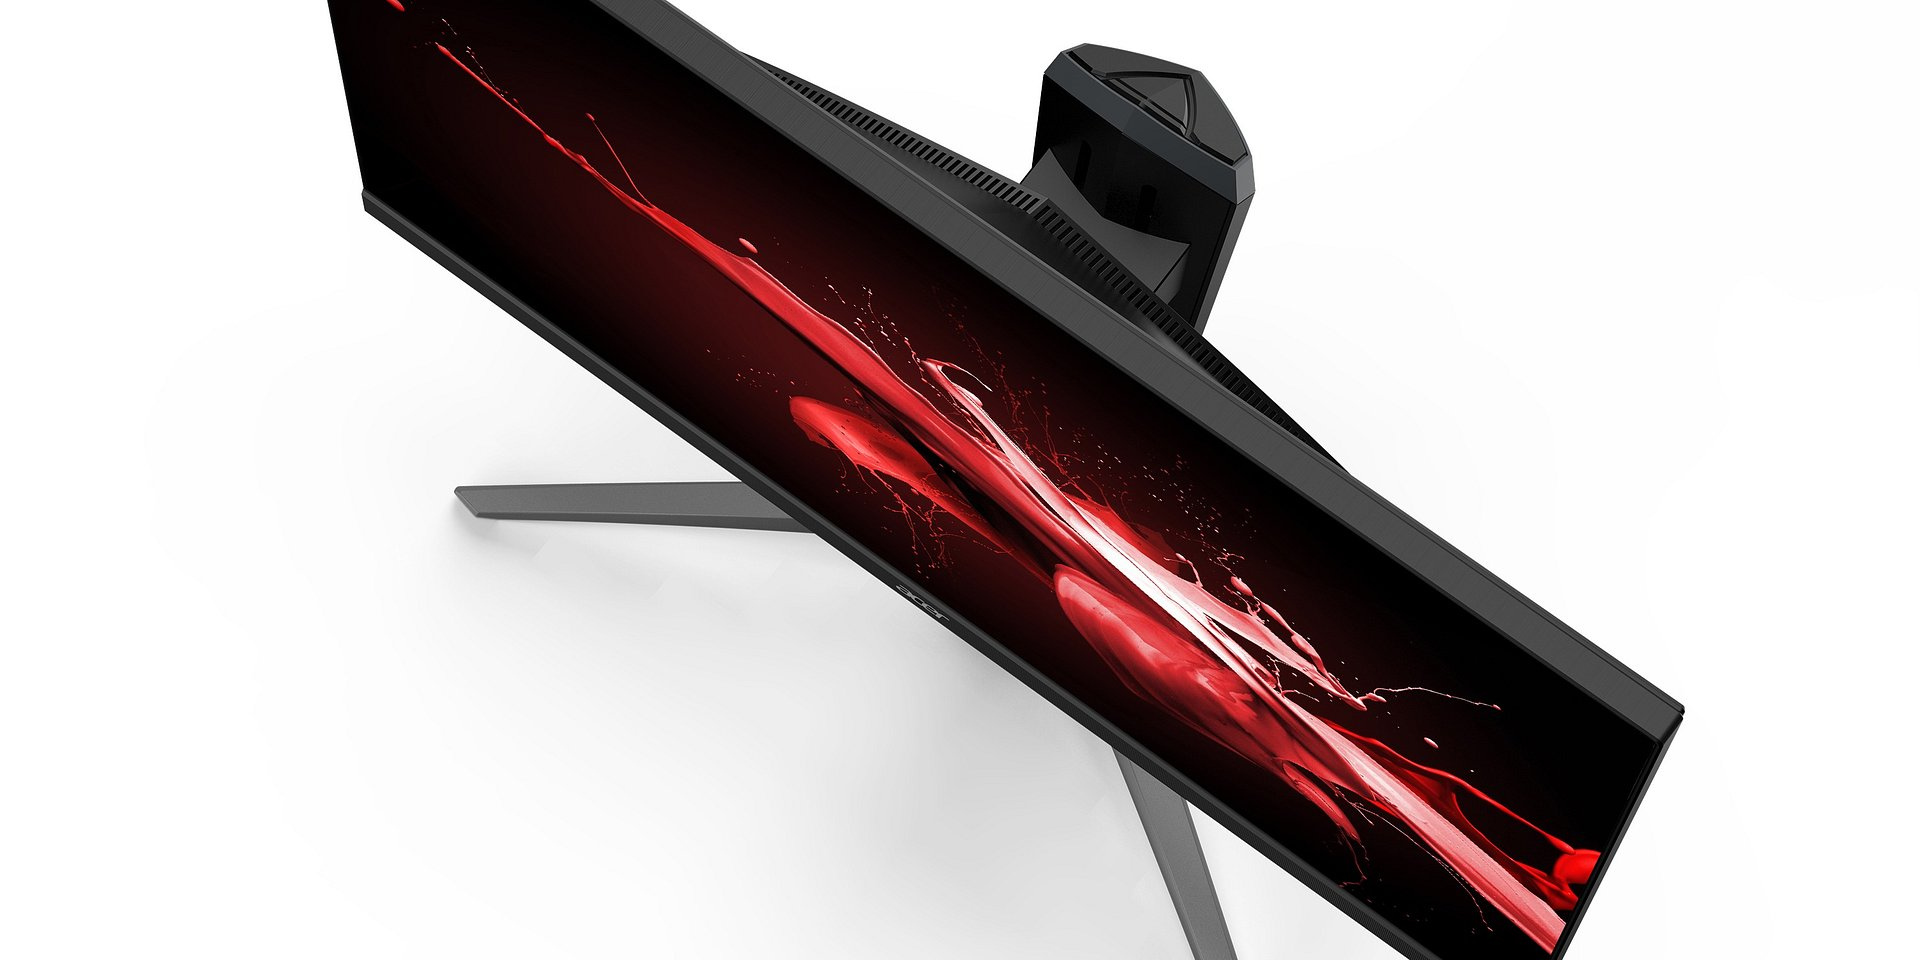 Nowe monitory Acer serii Nitro XV3 z częstotliwością odświeżania do 240 Hz i wysoką jakością obrazu